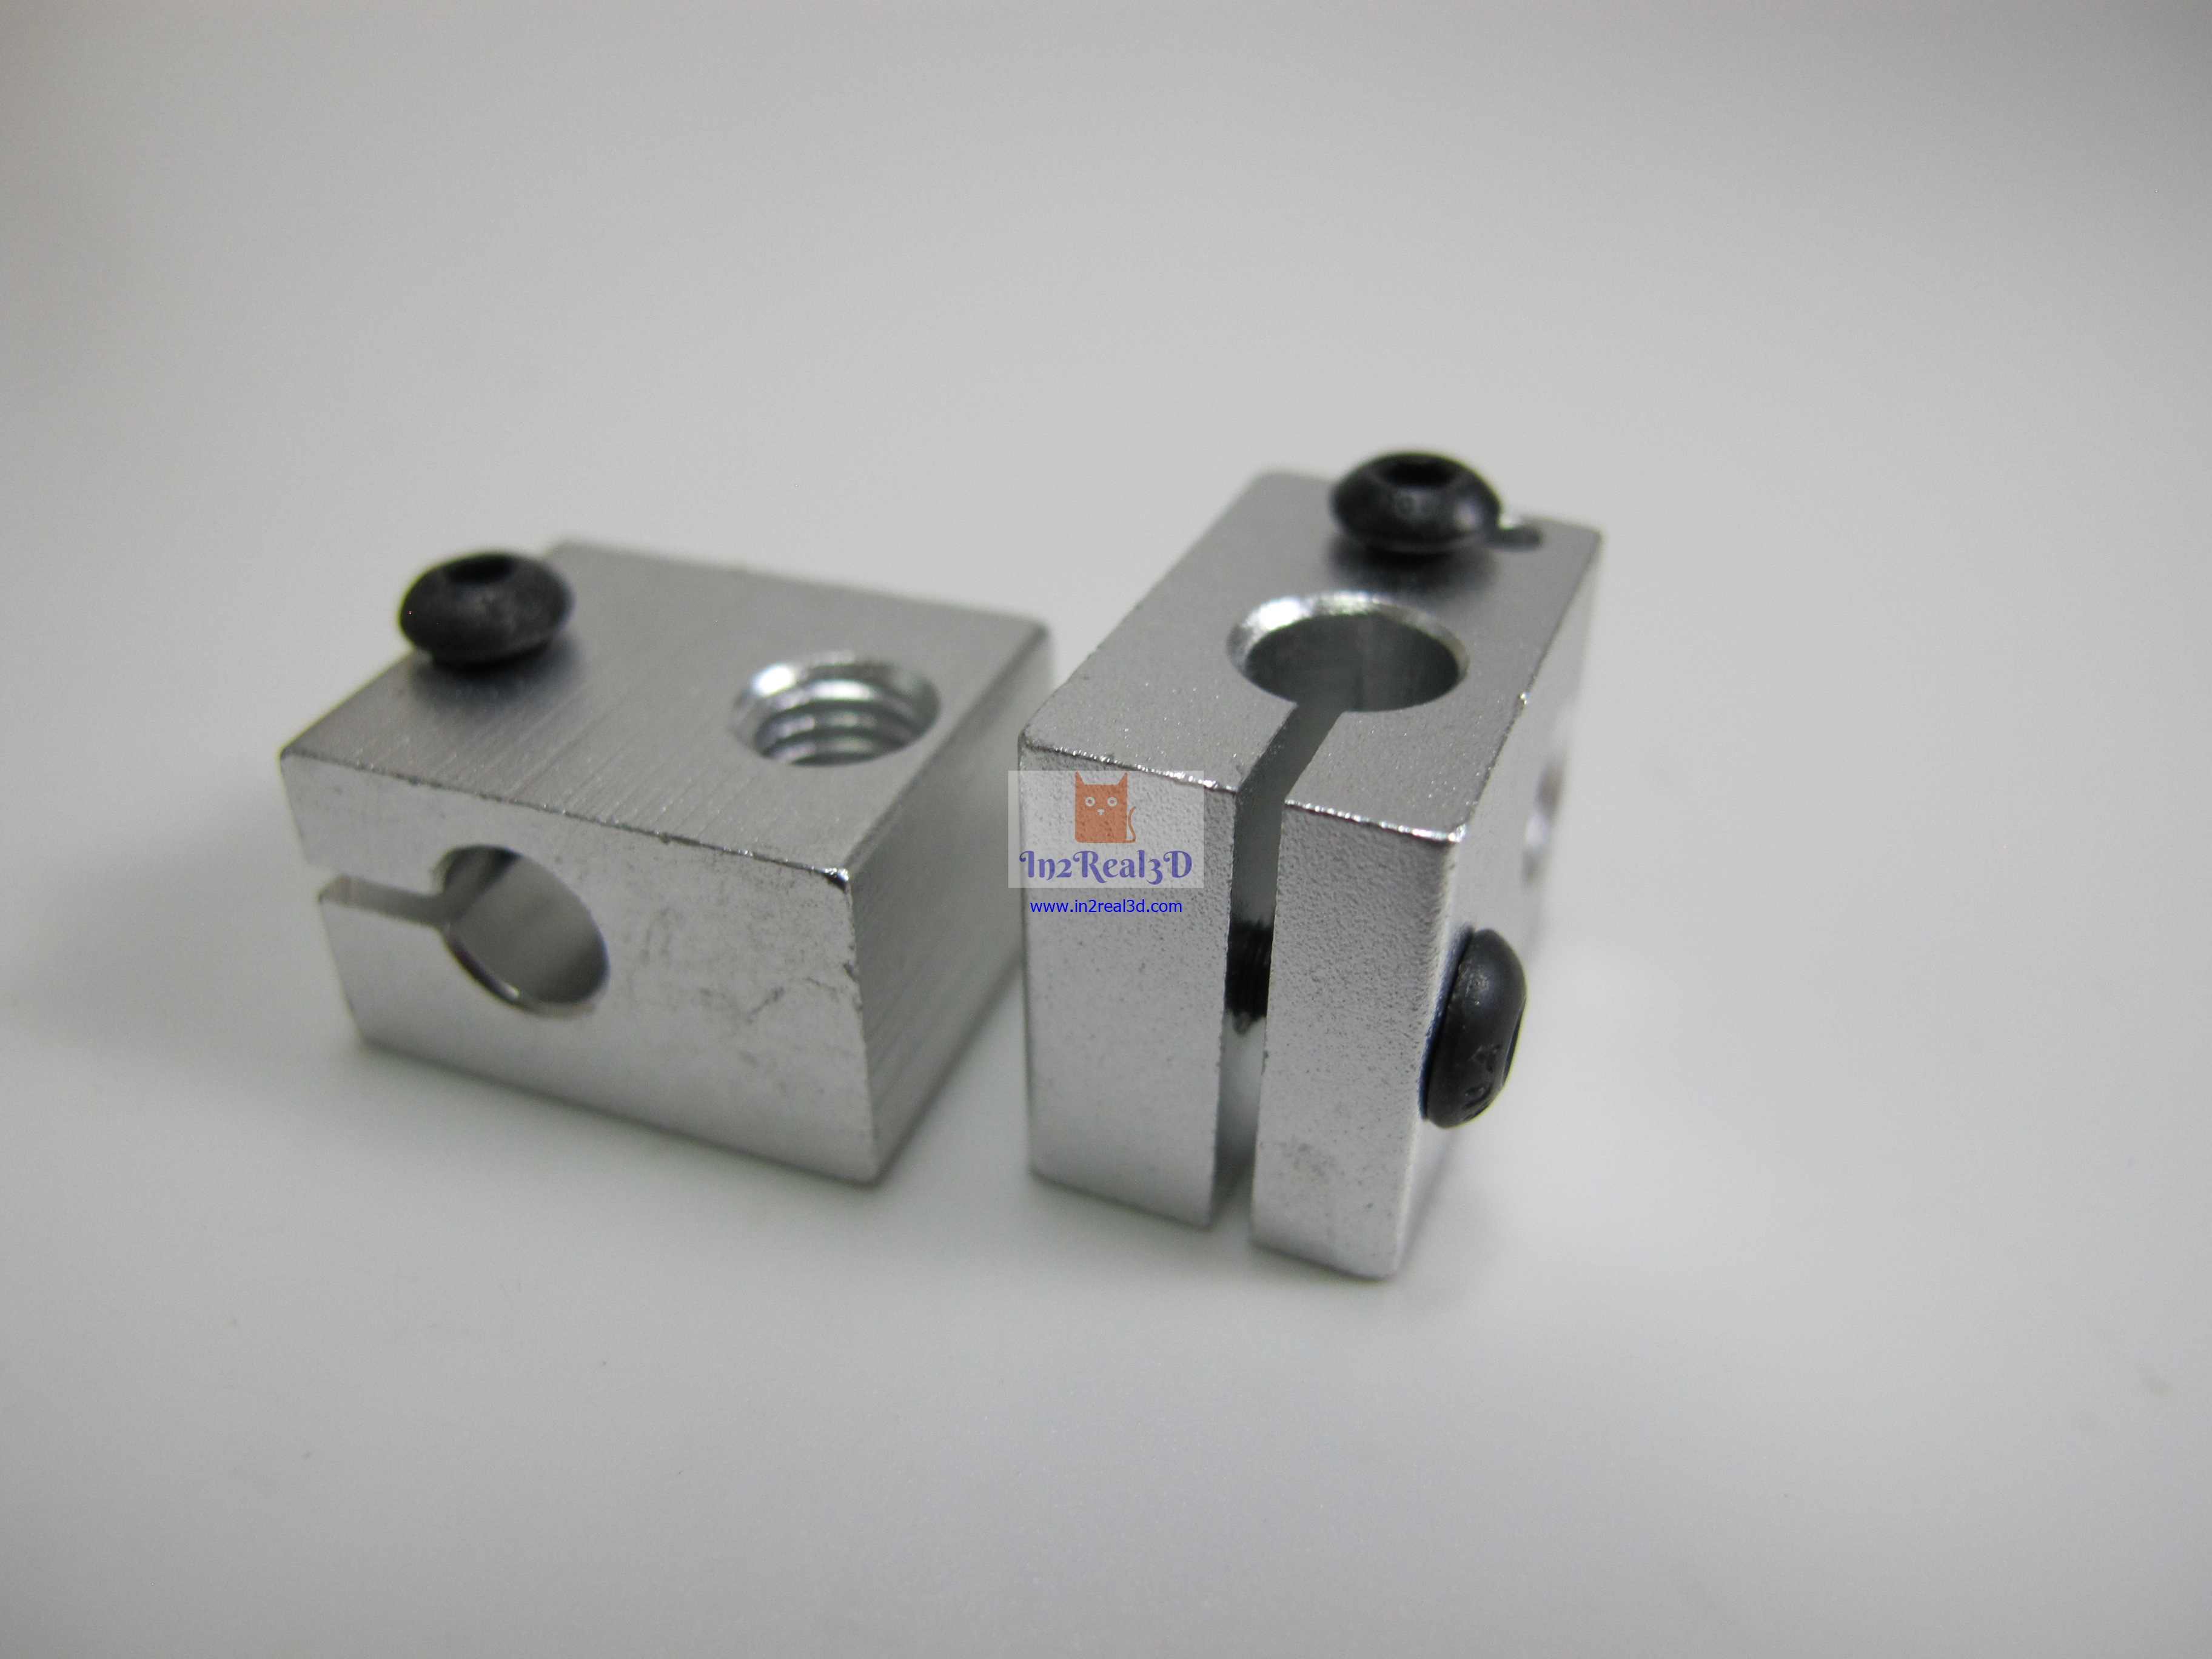 E3D Heat block 16x20x12 mm